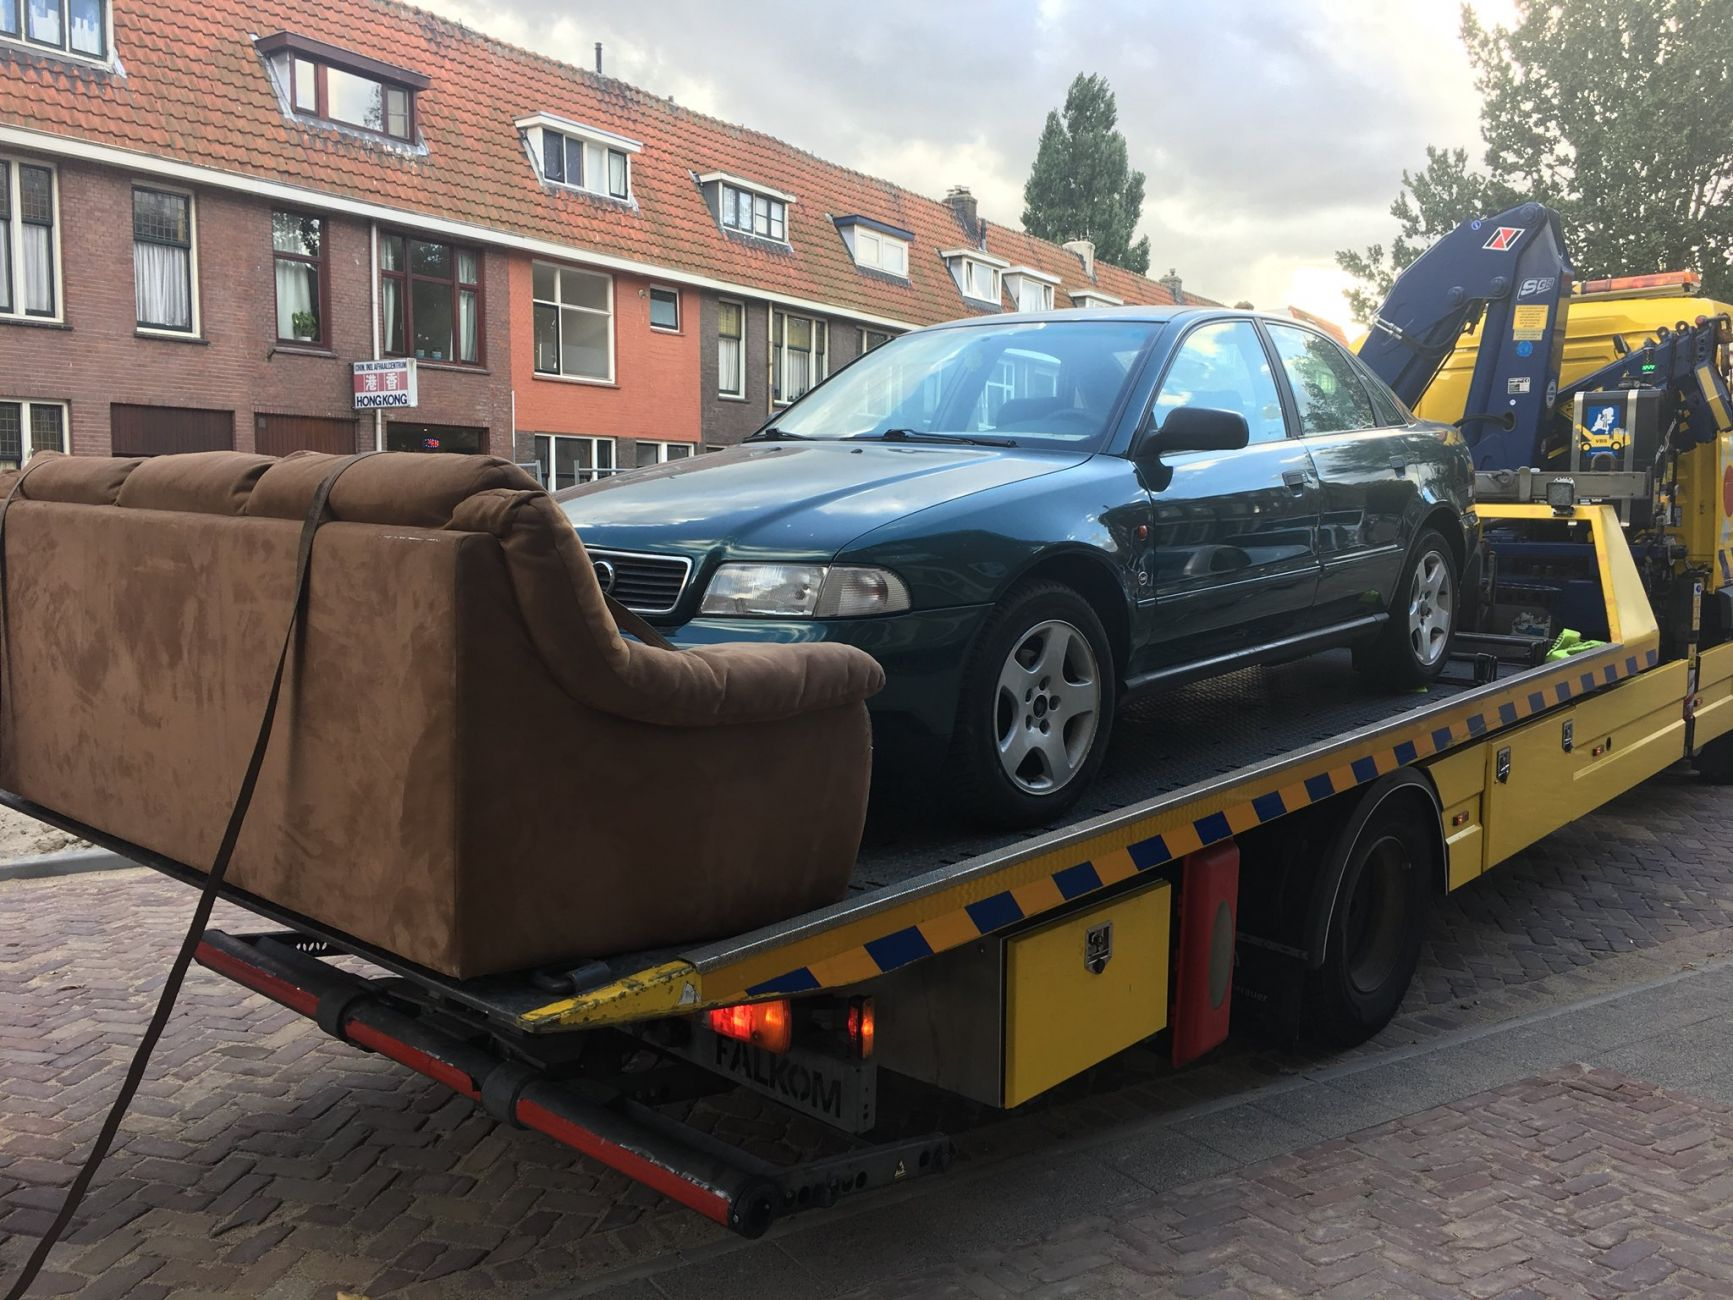 Vette pech: auto weg